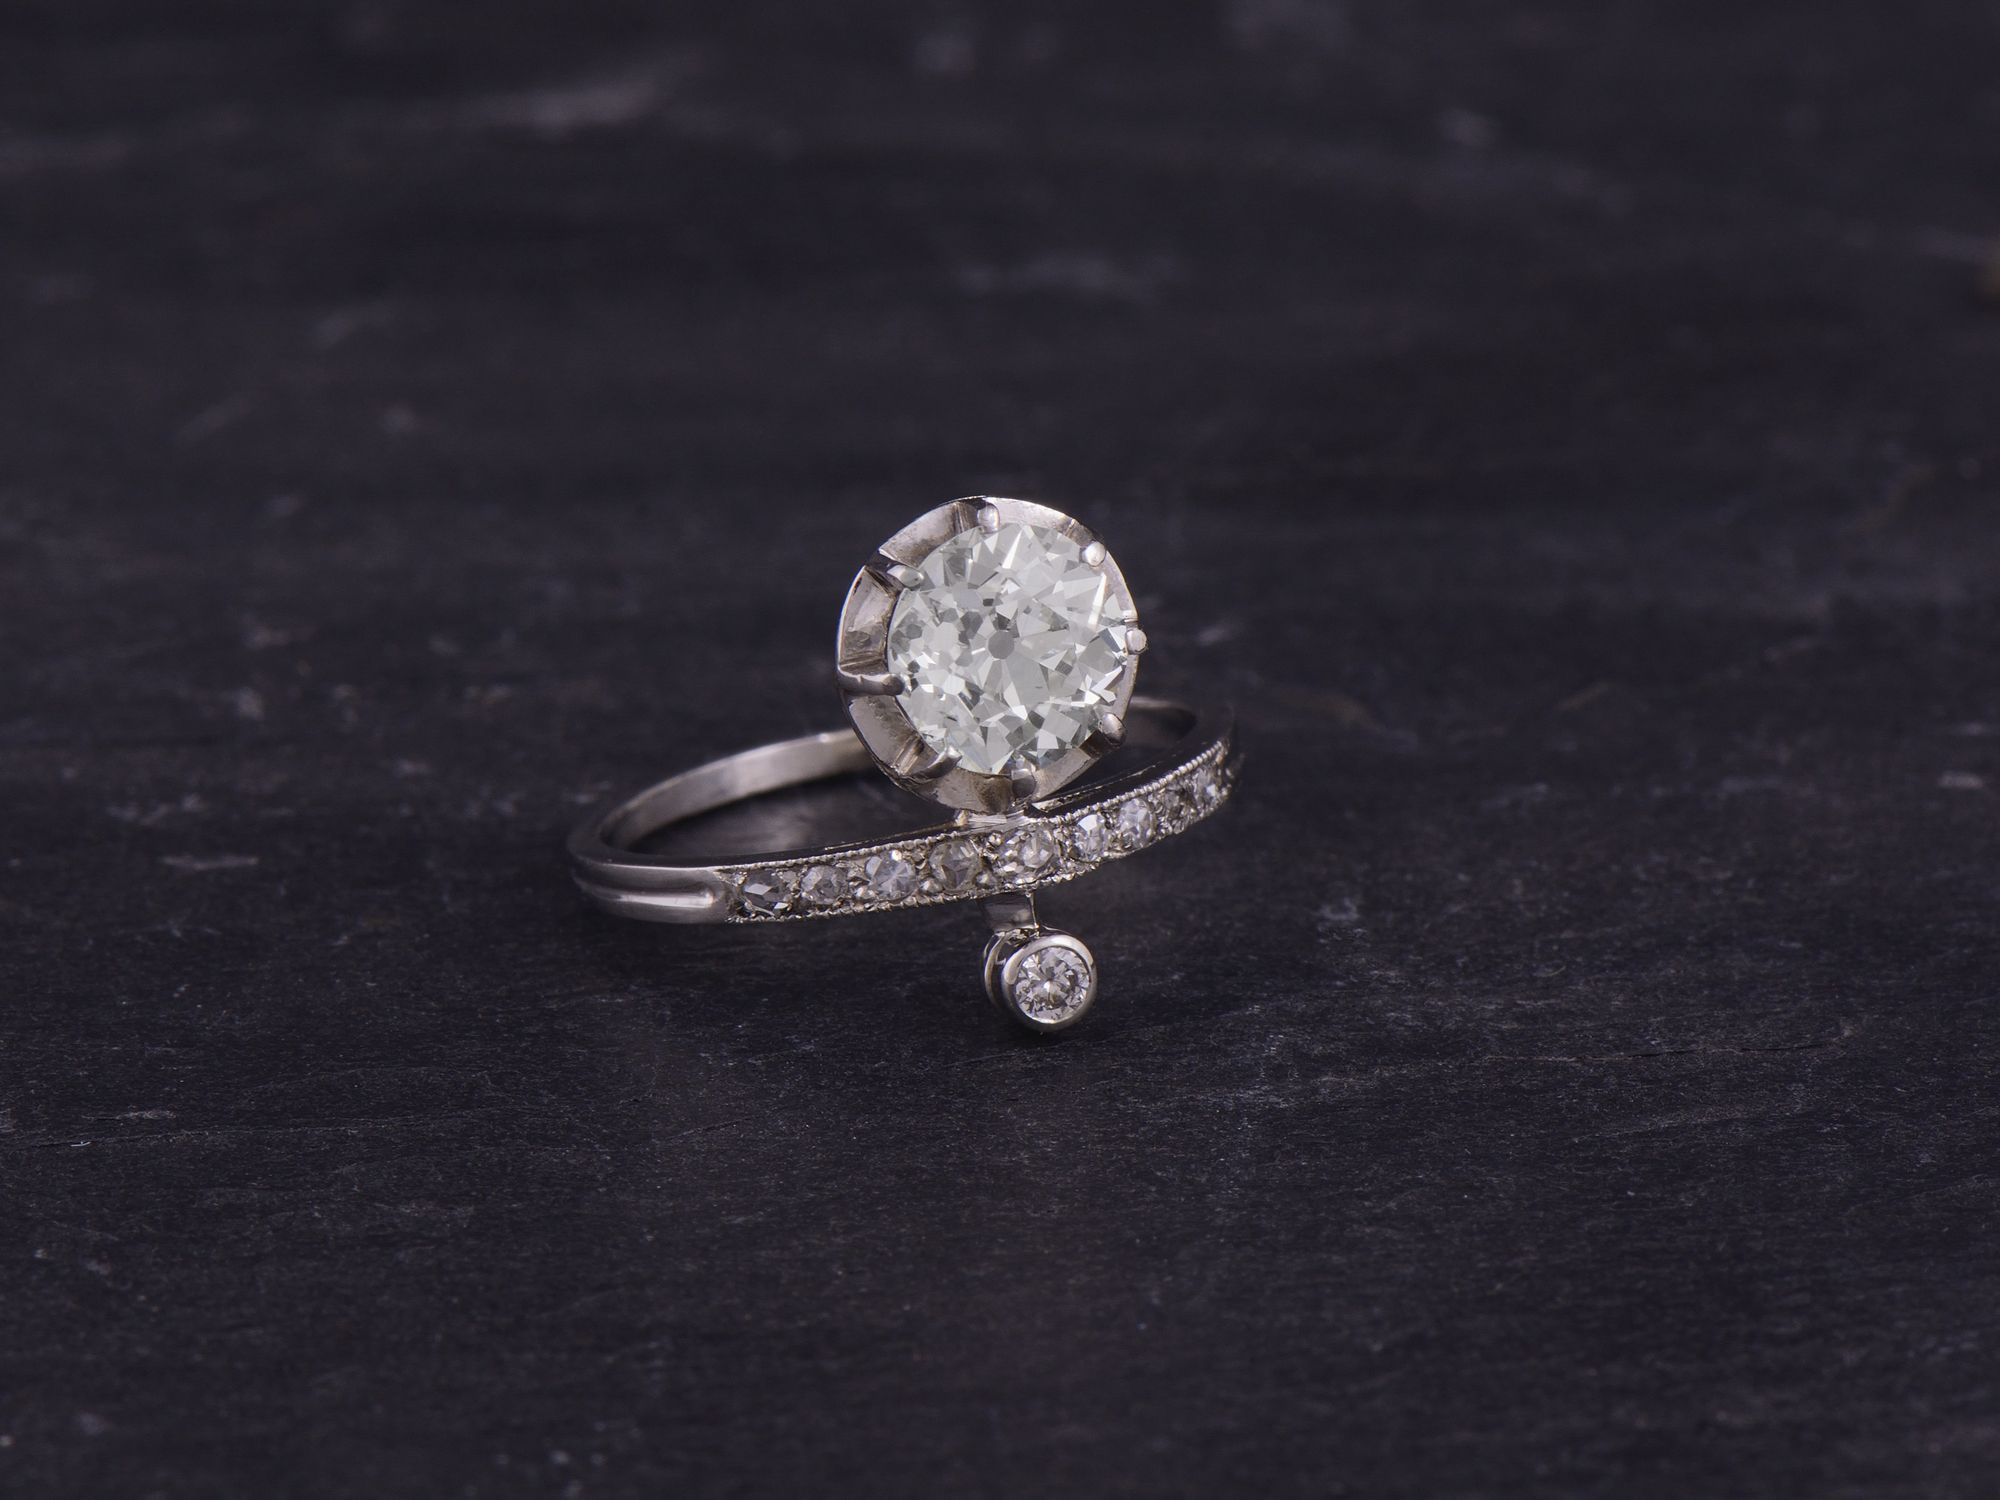 Bague platine et diamants par Emmanuelle Zysman